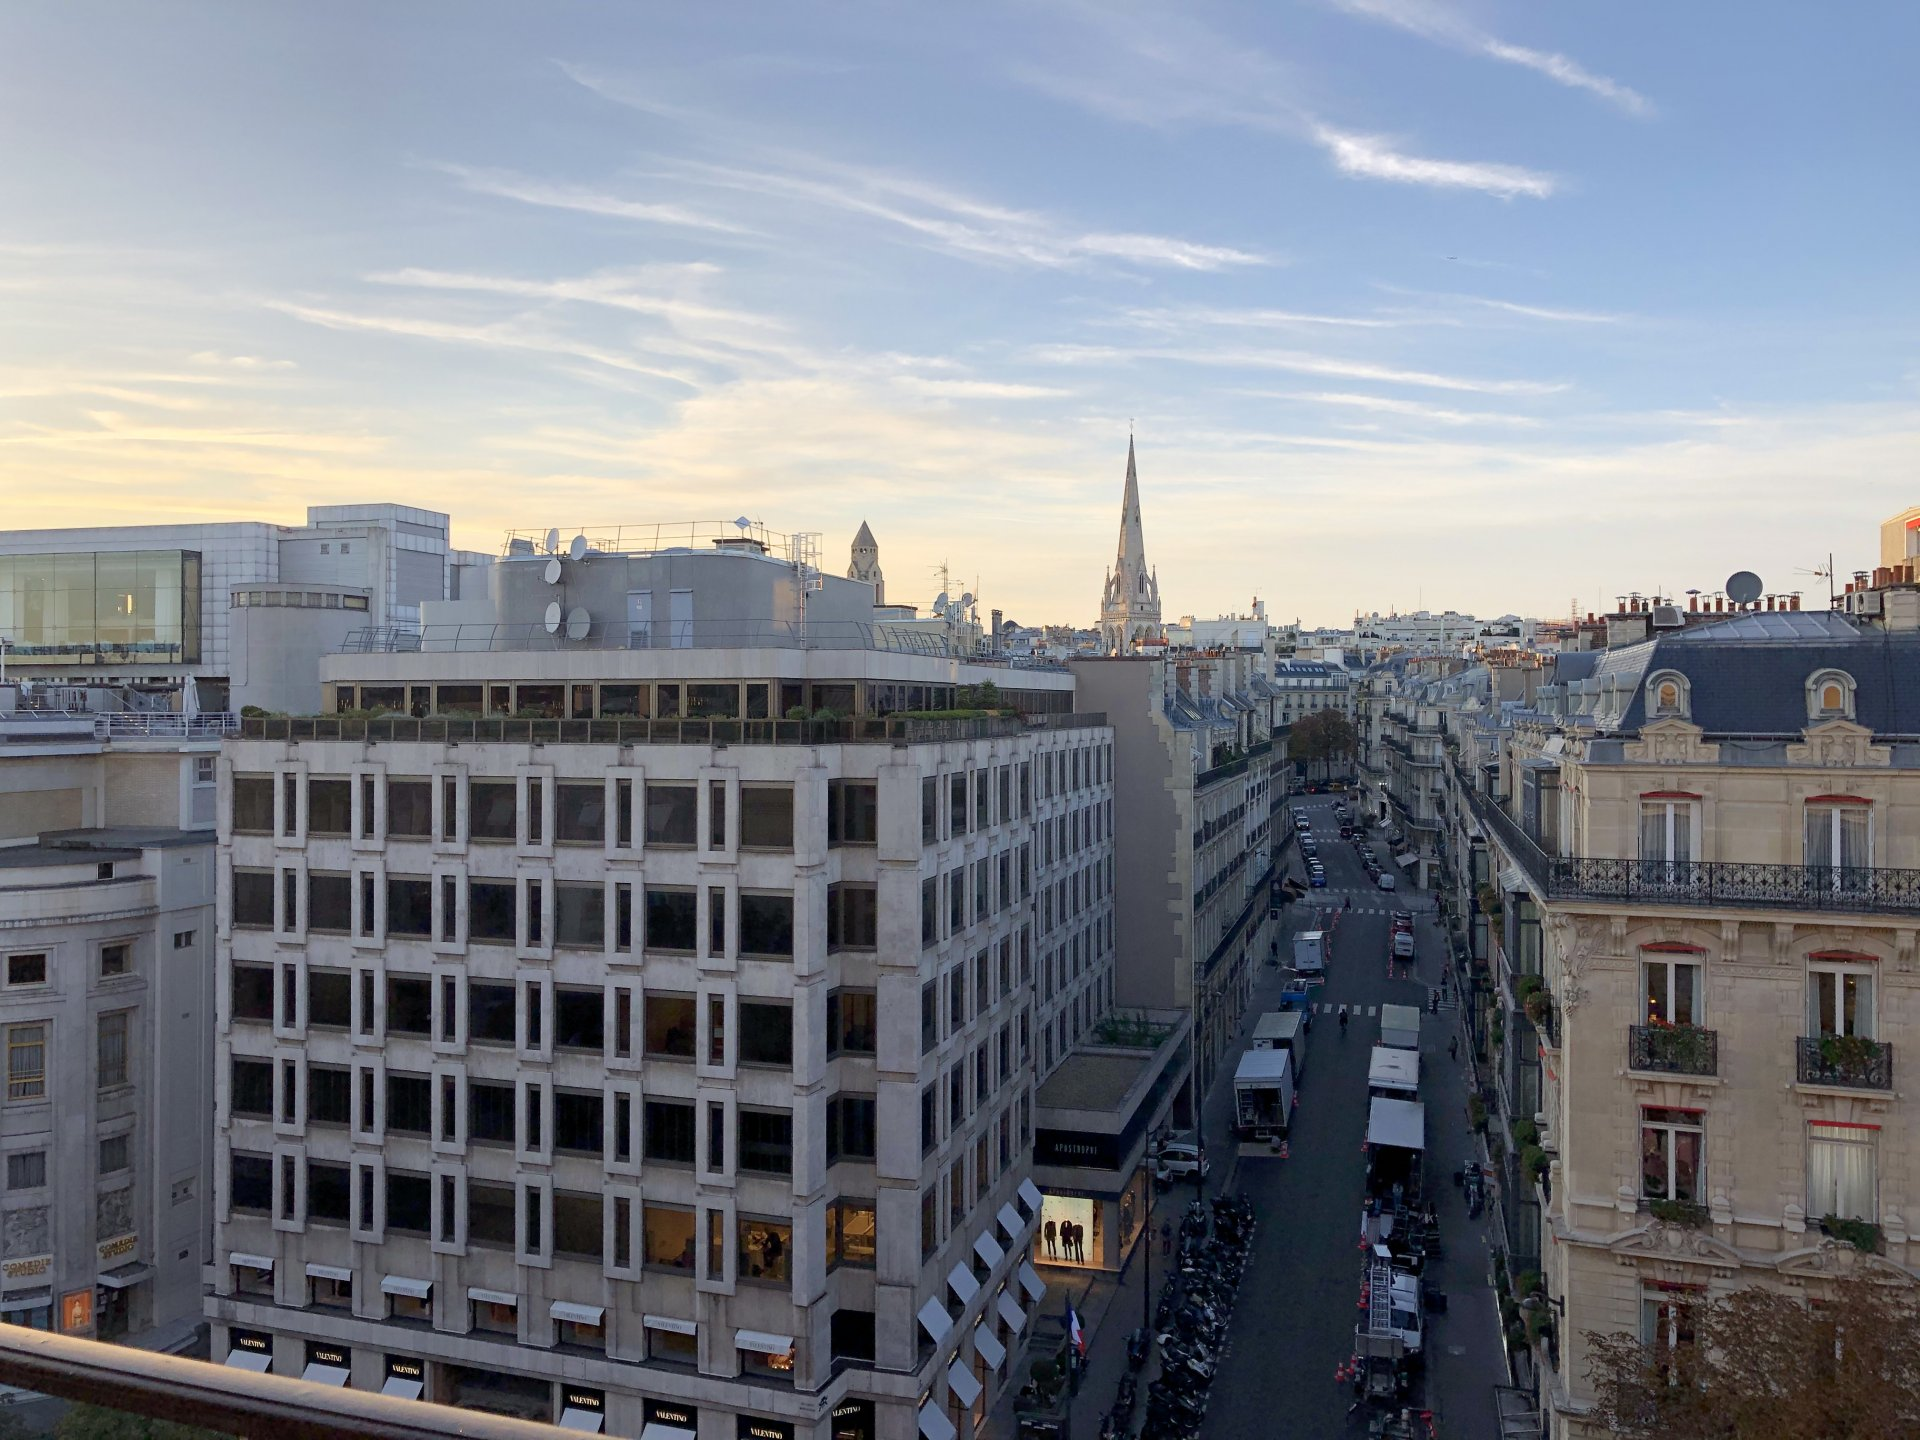 Sale Apartment - Paris 8th (Paris 8ème) Champs-Élysées